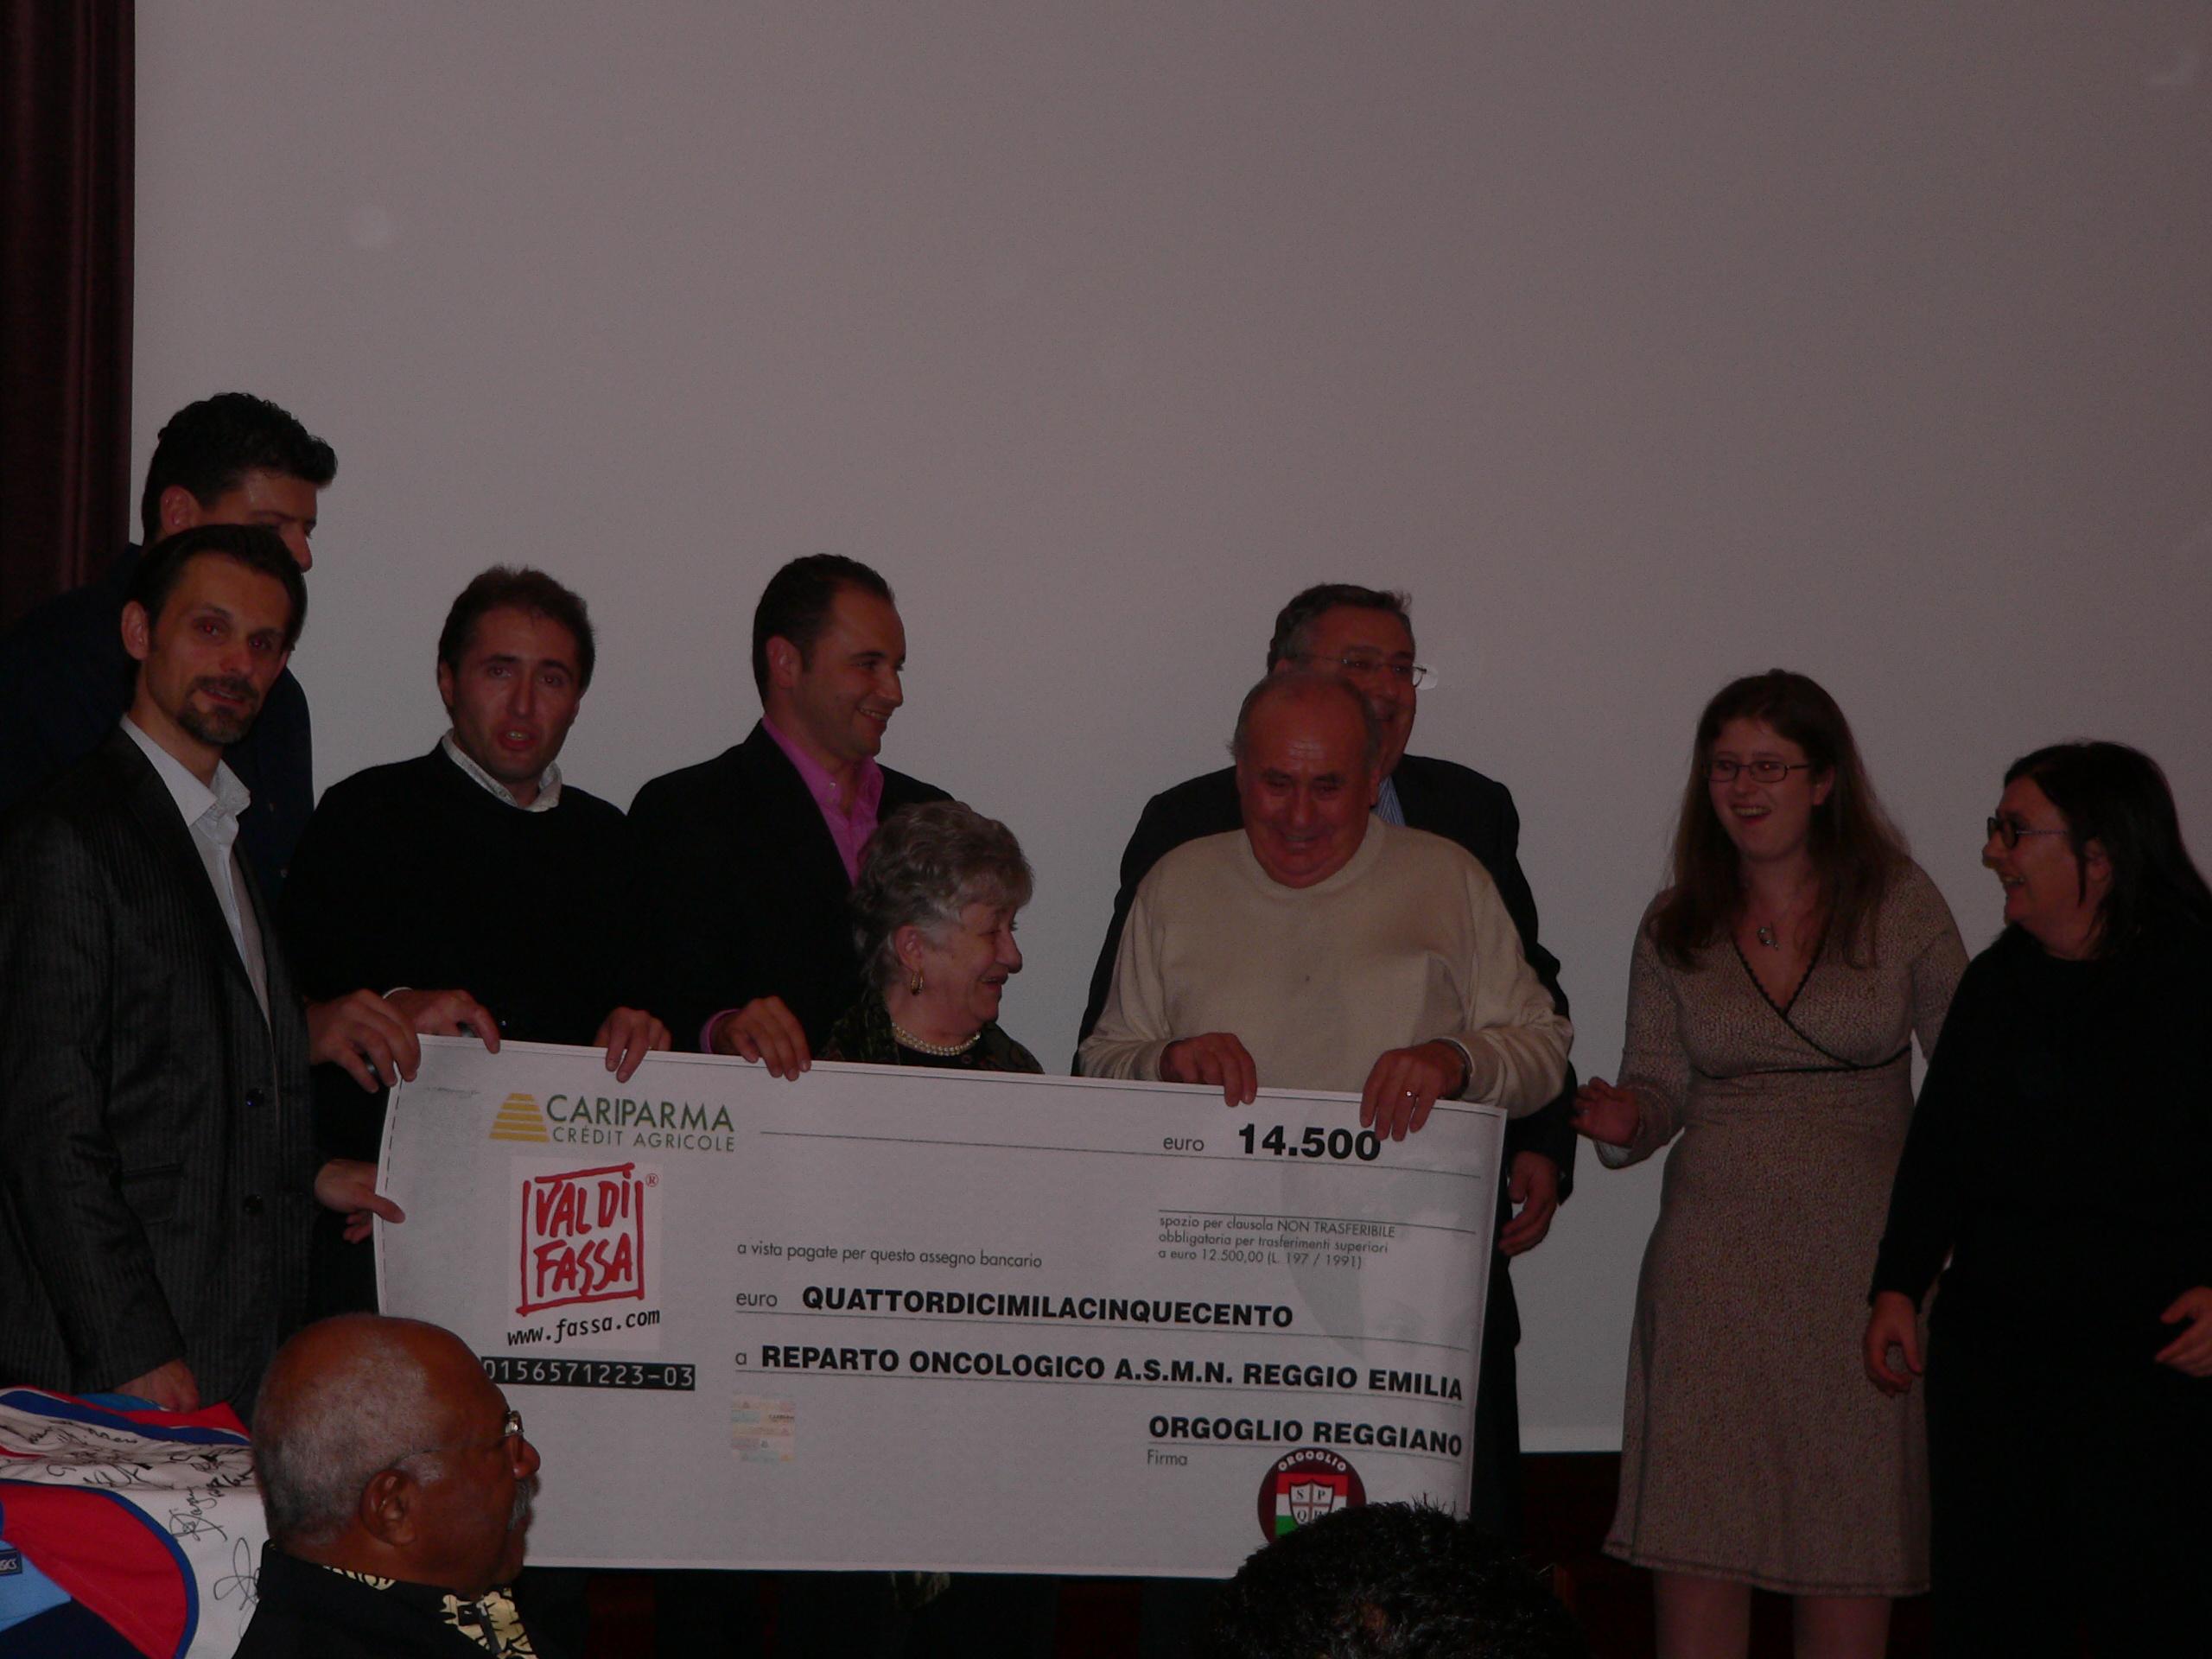 cena rugby consegna assegno a rep.oncologico osepdale di Reggio in memoria di Buffagni